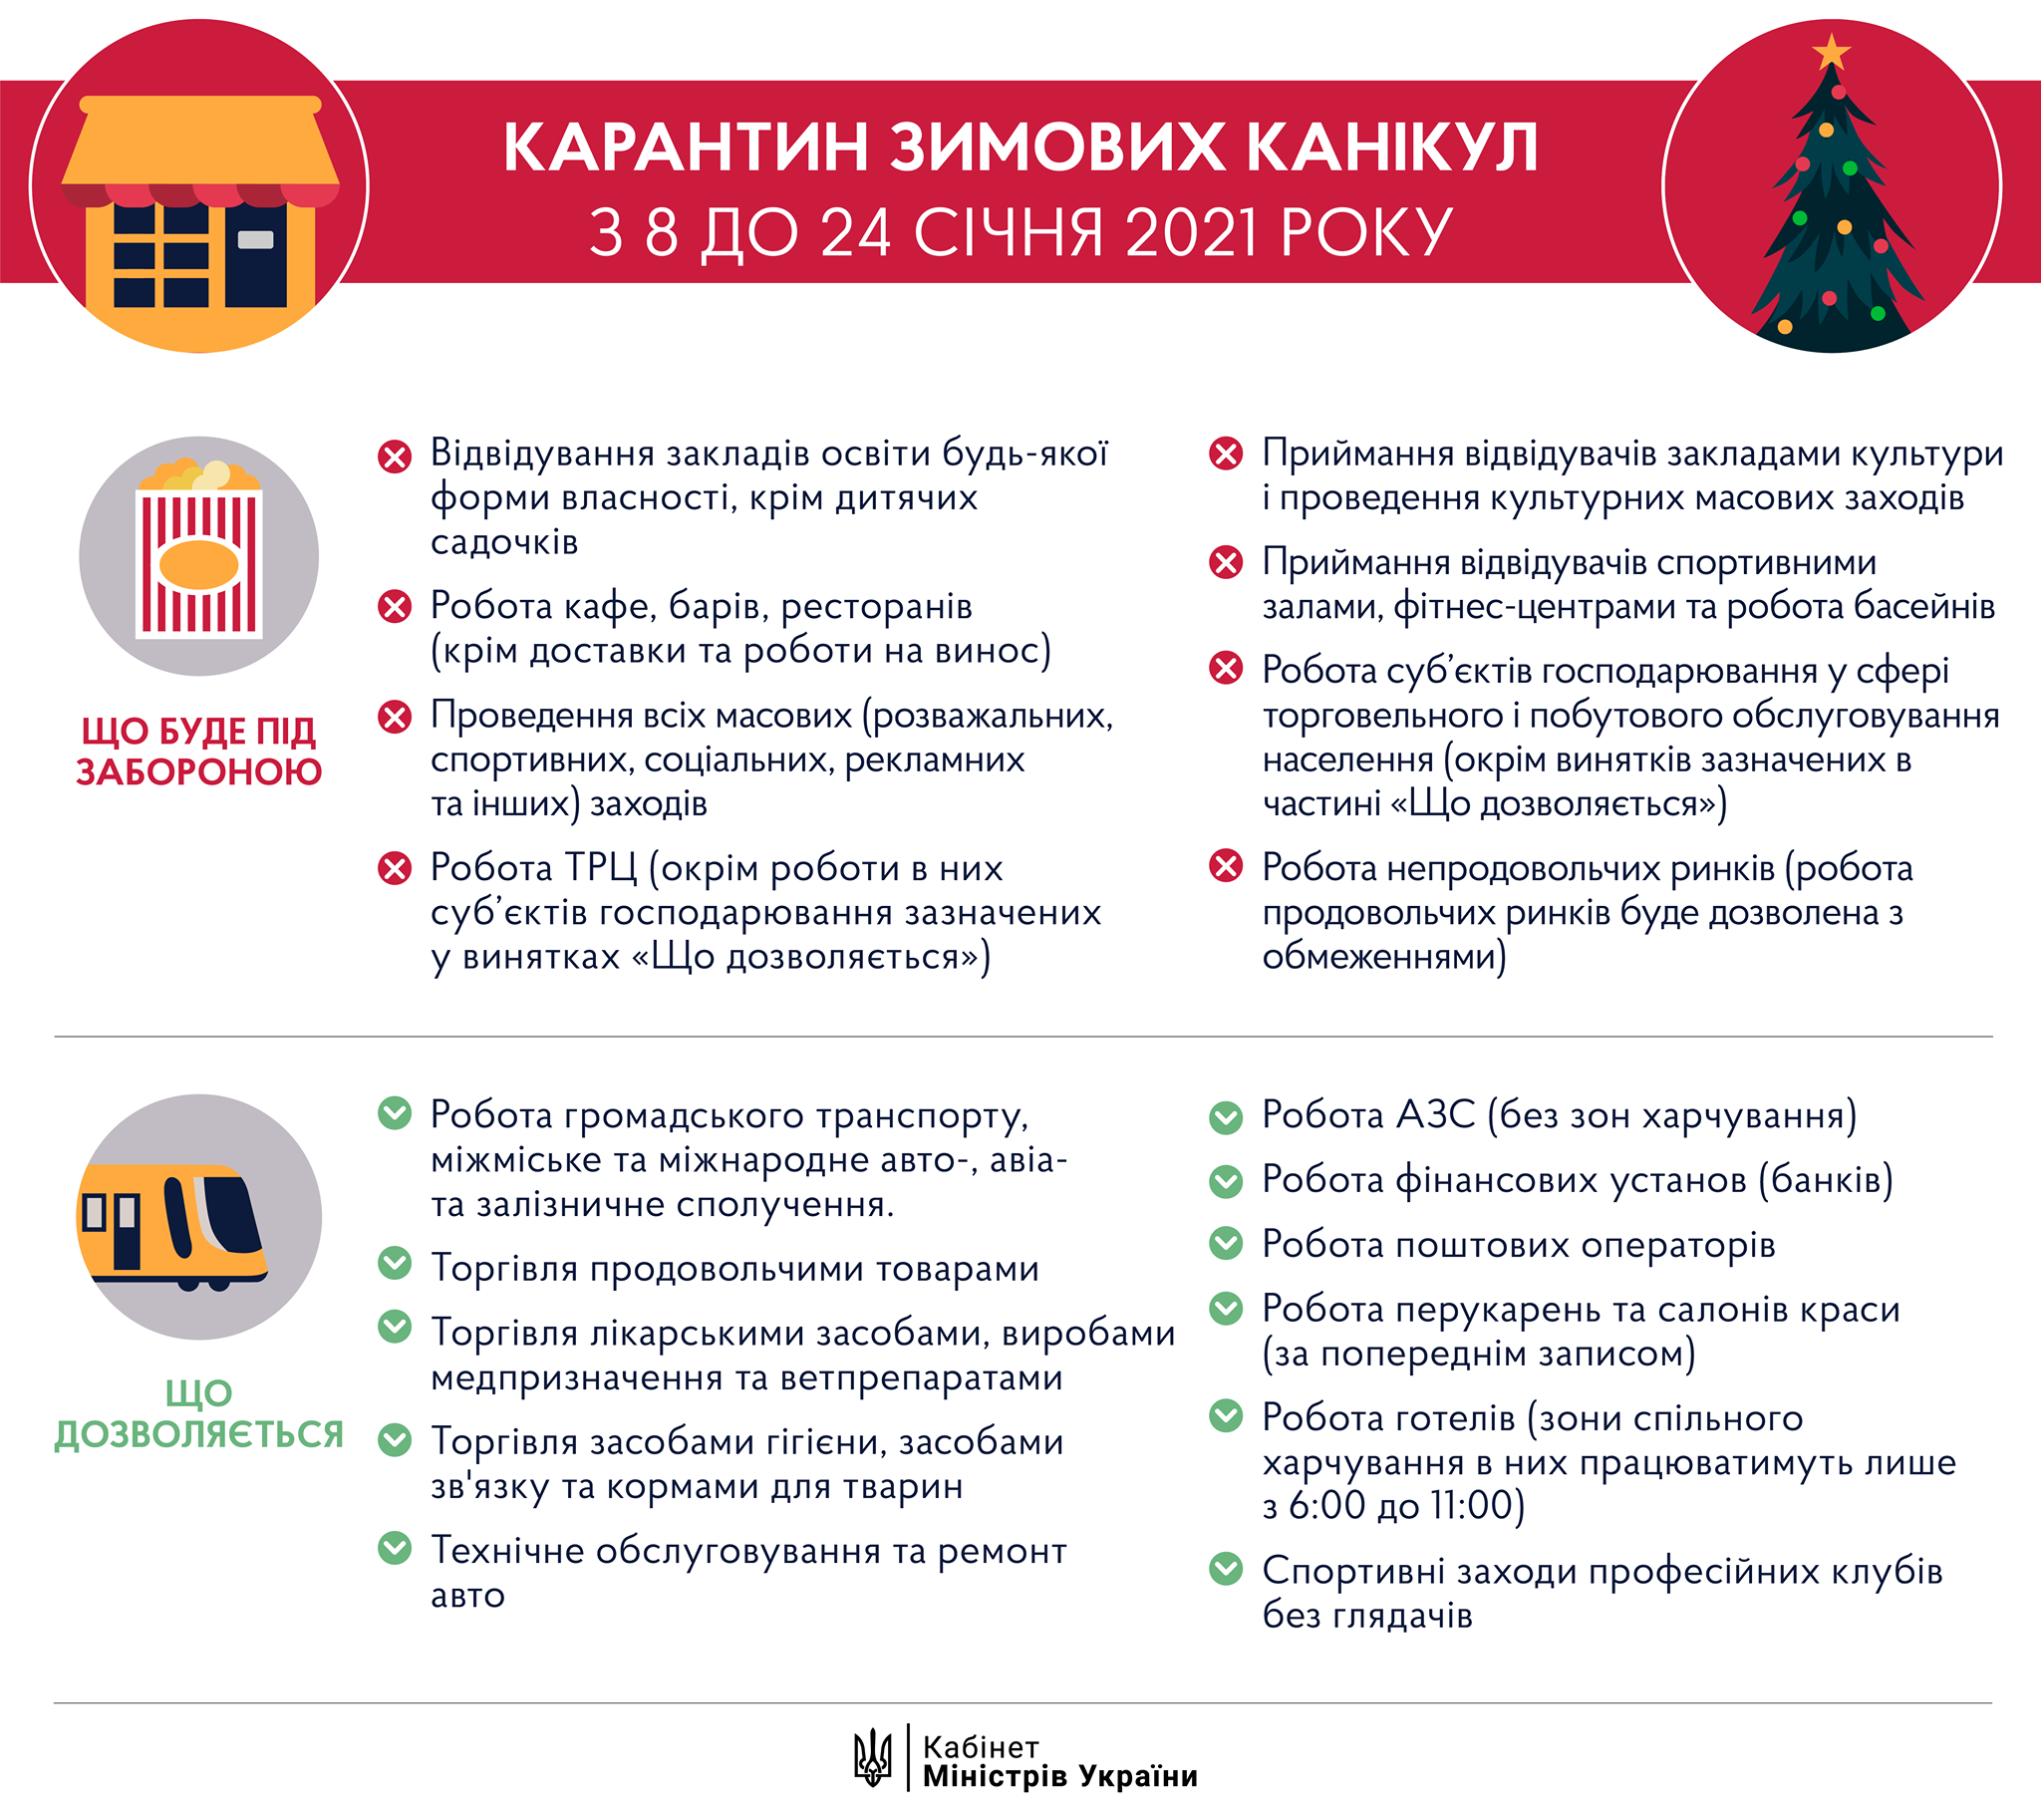 Усиленный карантин в январе: что и как будет работать (инфографика)